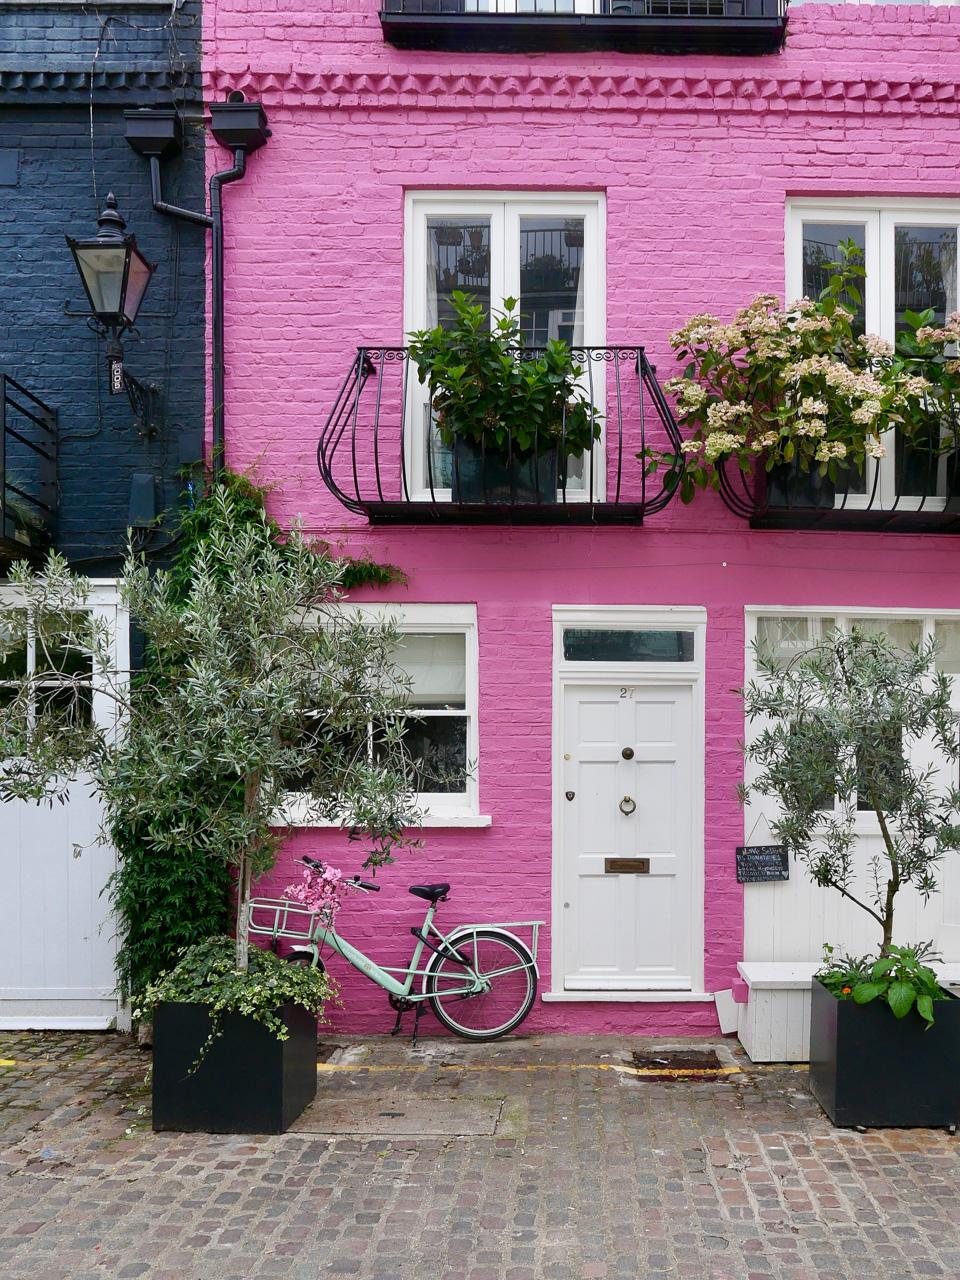 Cara Sharratt Travel - Mews in Notting Hill - London, England